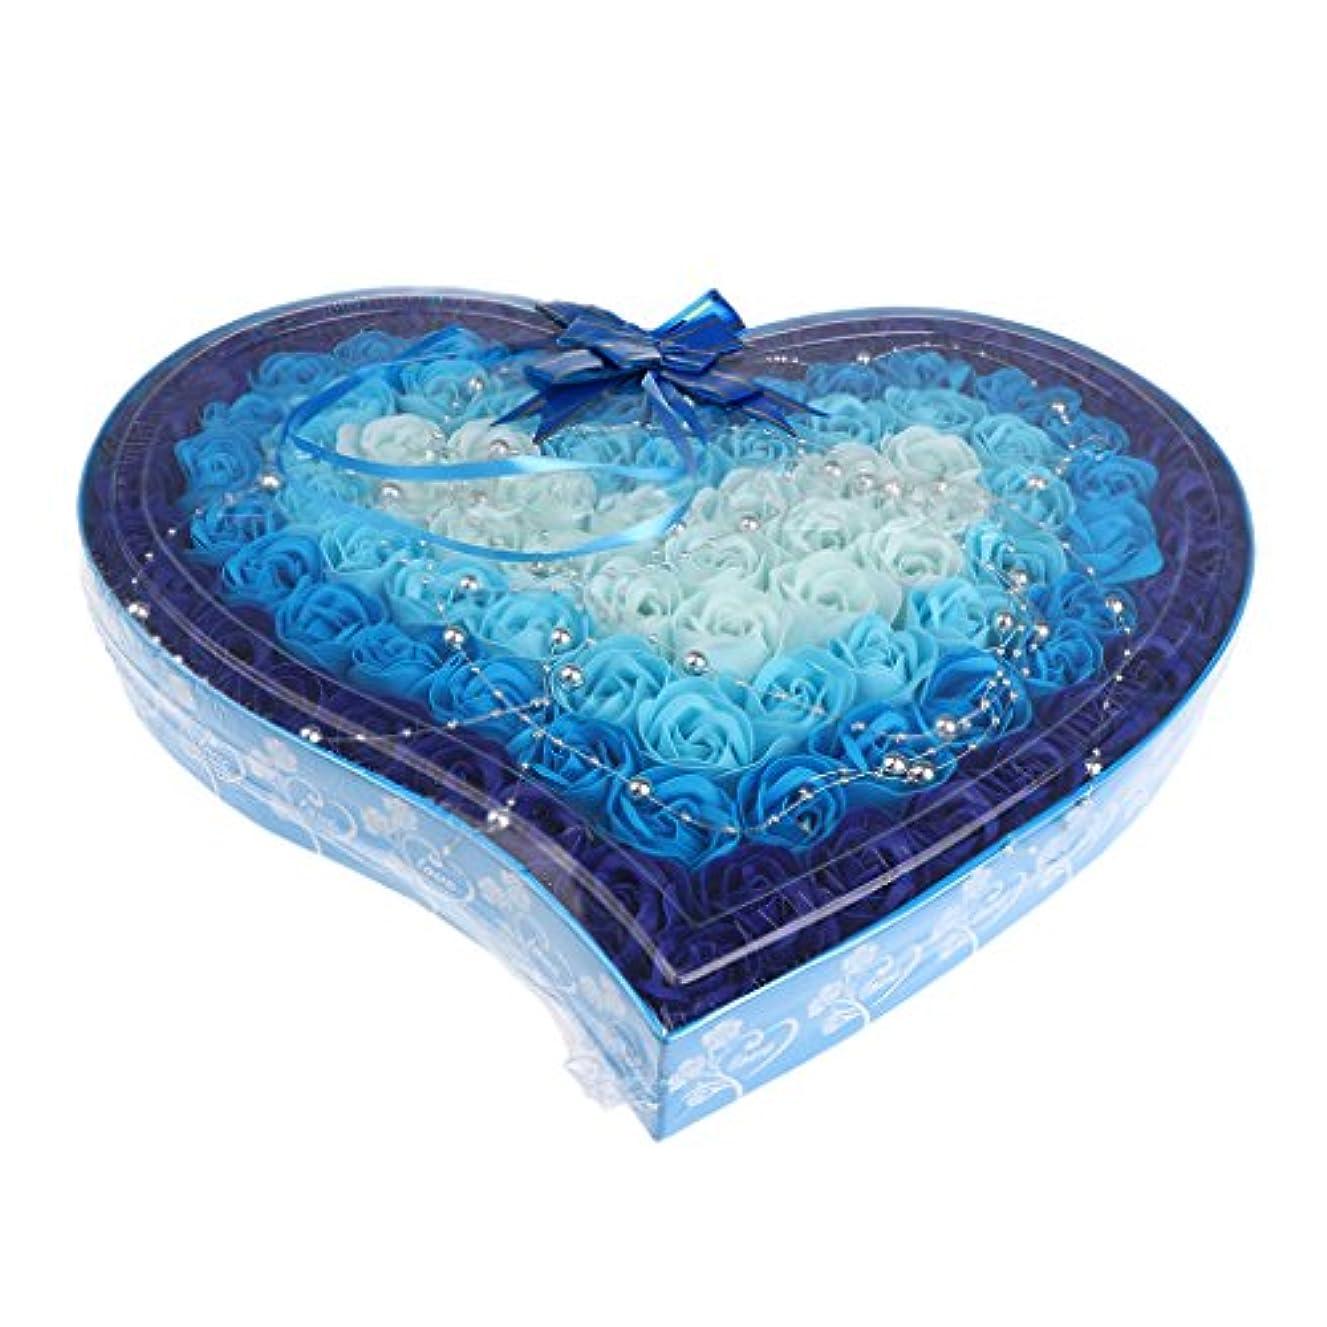 苦しみ正直に関して石鹸の花 母の日 プレゼント 石鹸 お花 枯れないお花 心の形 ギフトボックス 約100個 プレゼント 4色選択可 - 青